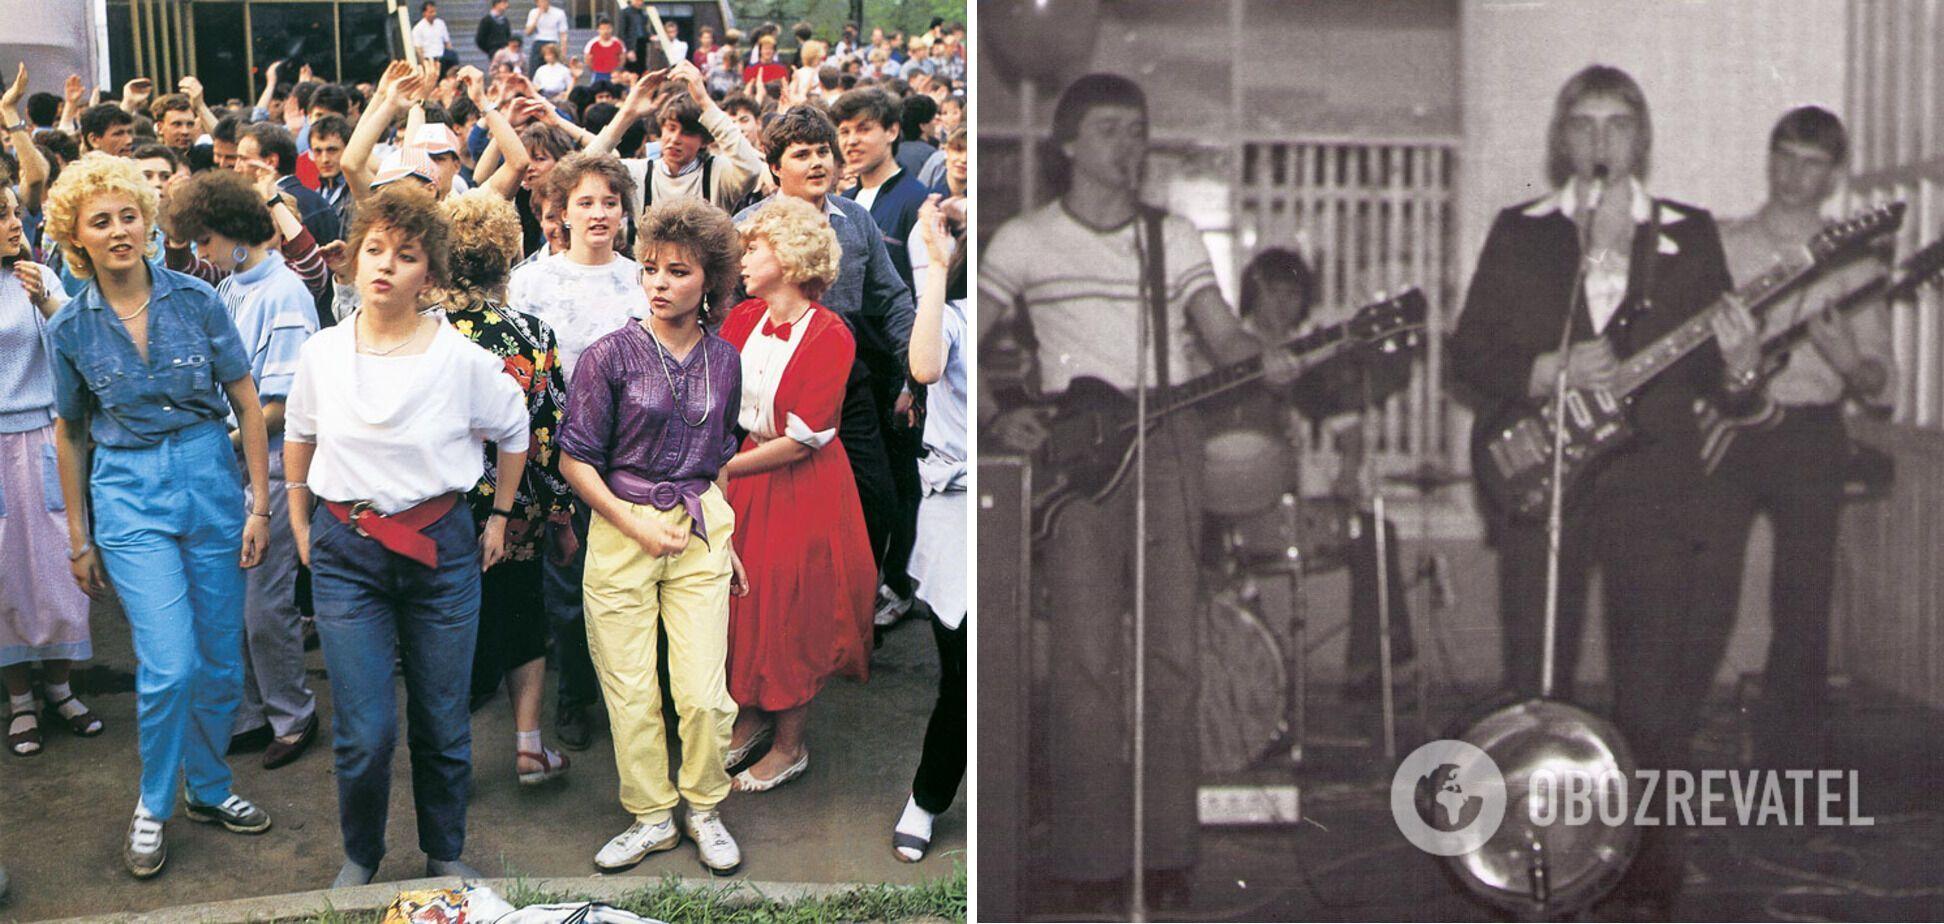 Молодежь обожала посещать дискотеки